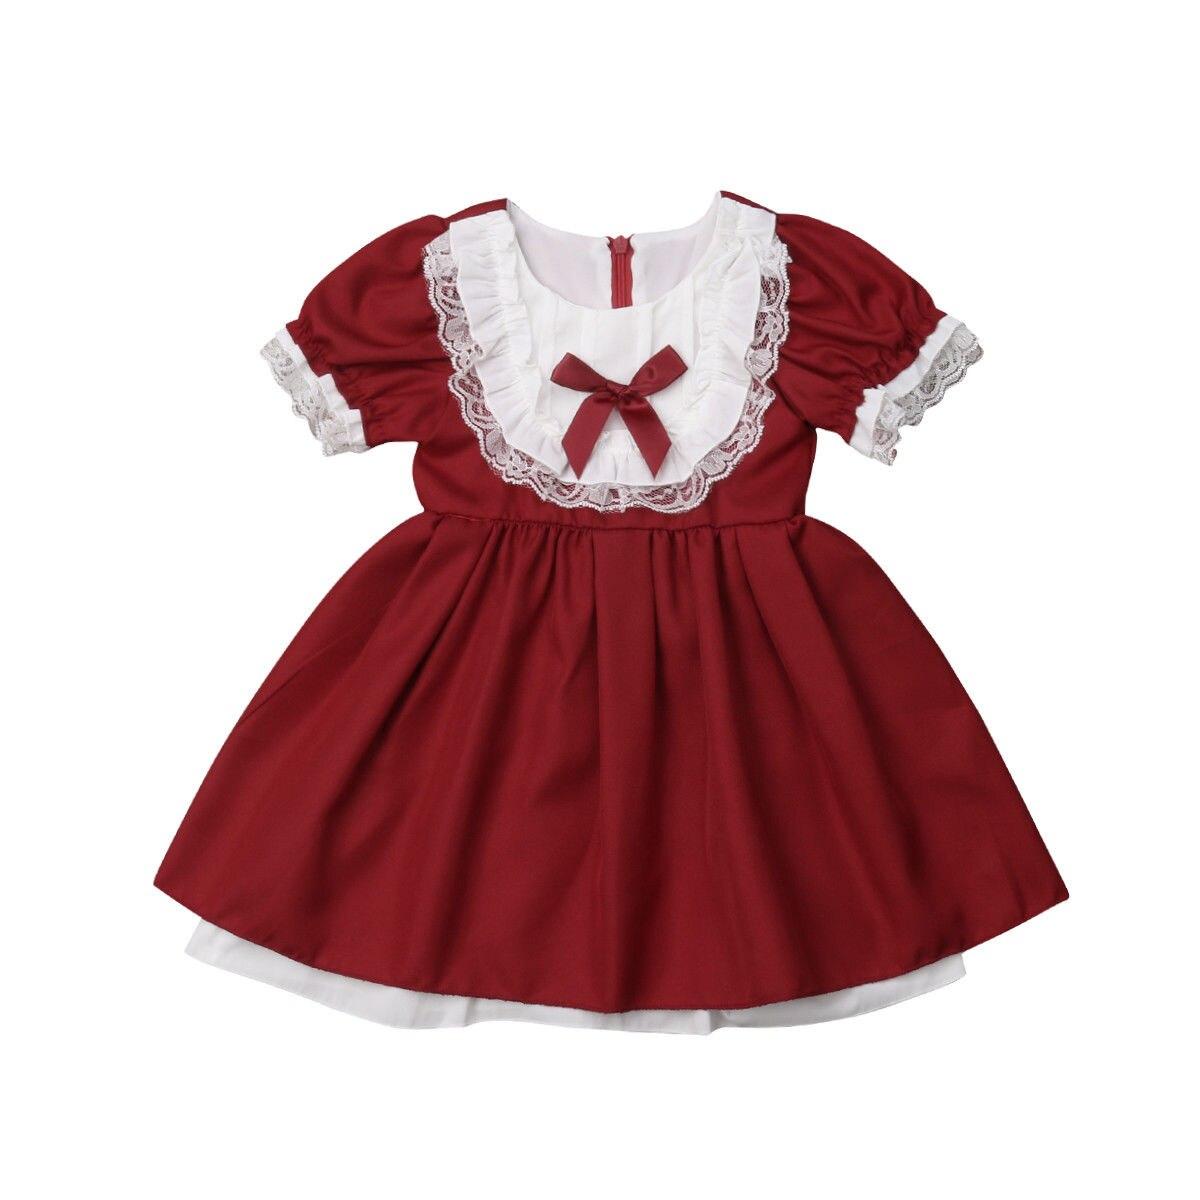 Robe de noël pour filles | Tenue de soirée Tutu, pour fête de mariage, spectacle dhonneur, avec nœud en dentelle, pour enfants en bas âge